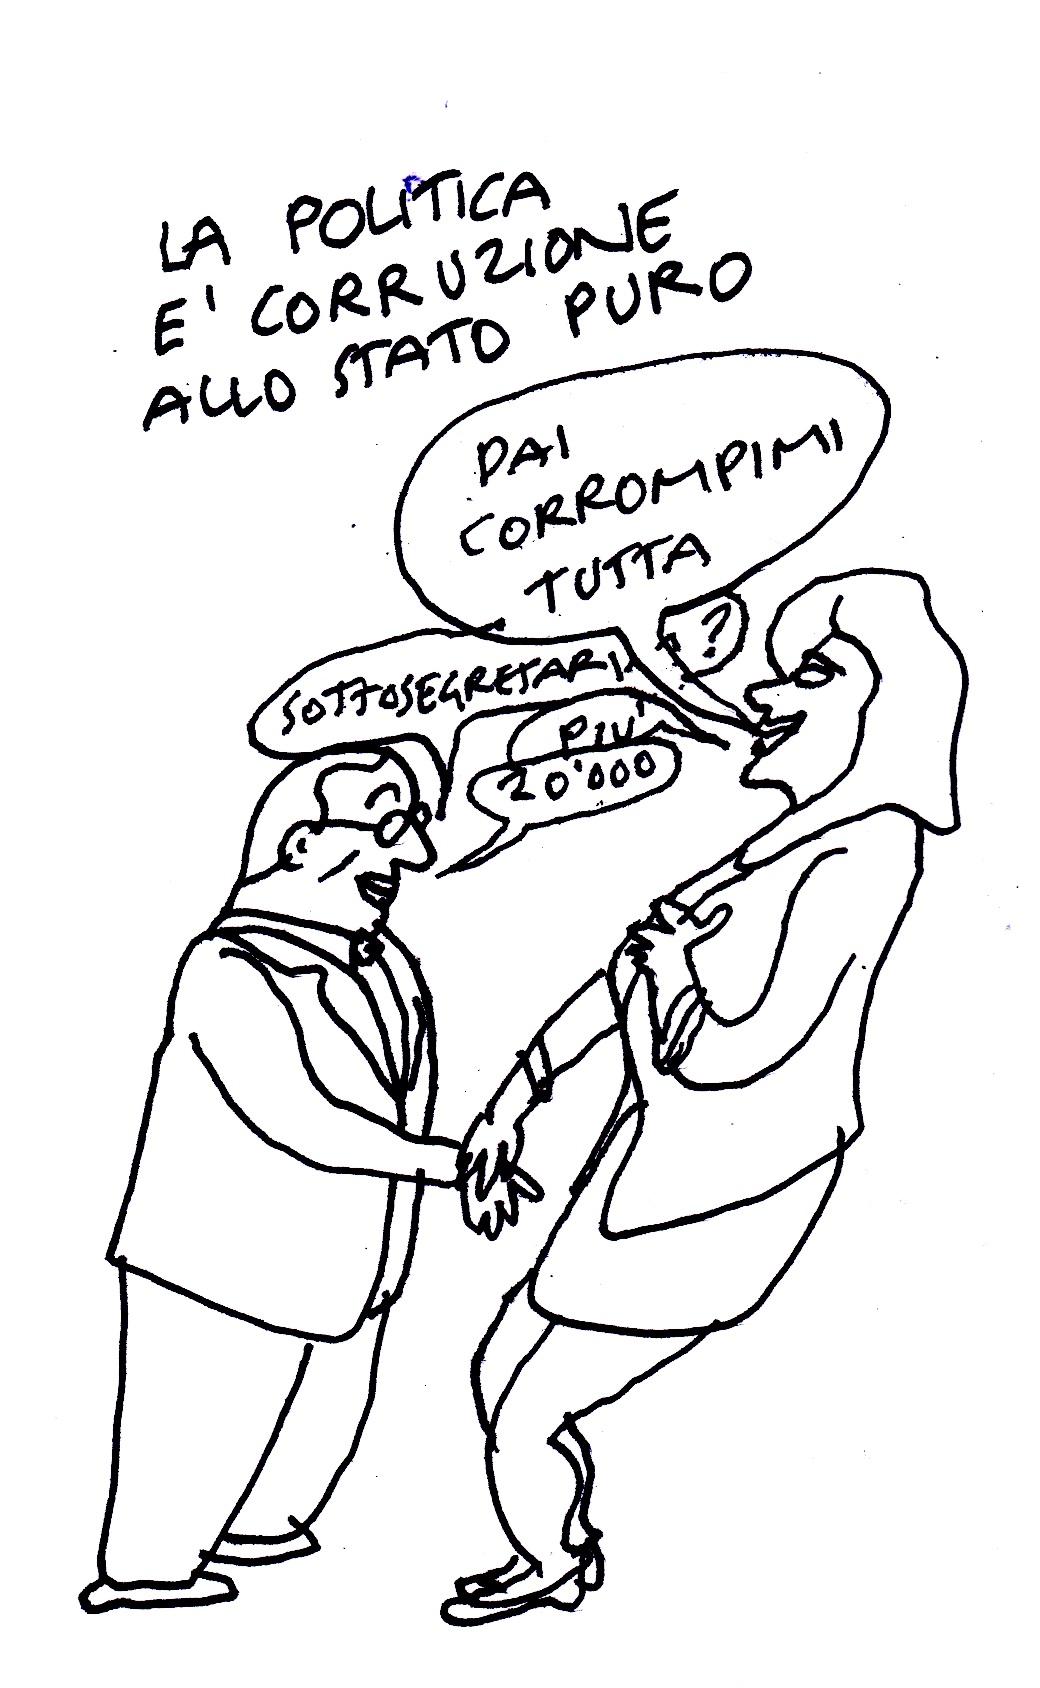 politica corruzione stato puro